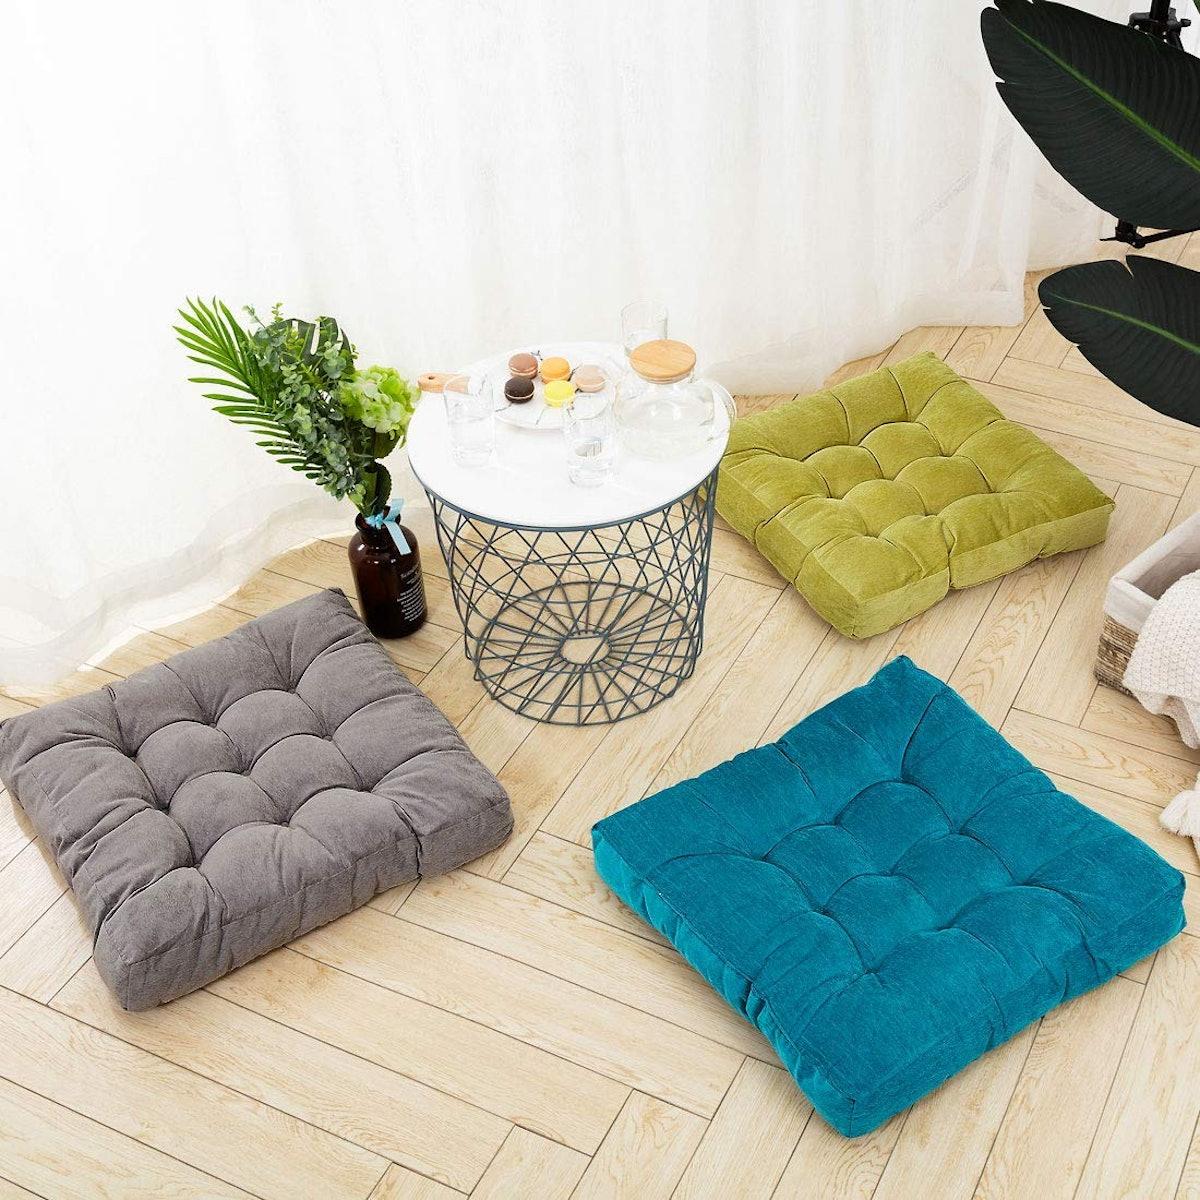 HIGOGOGO  Square Seat Cushion